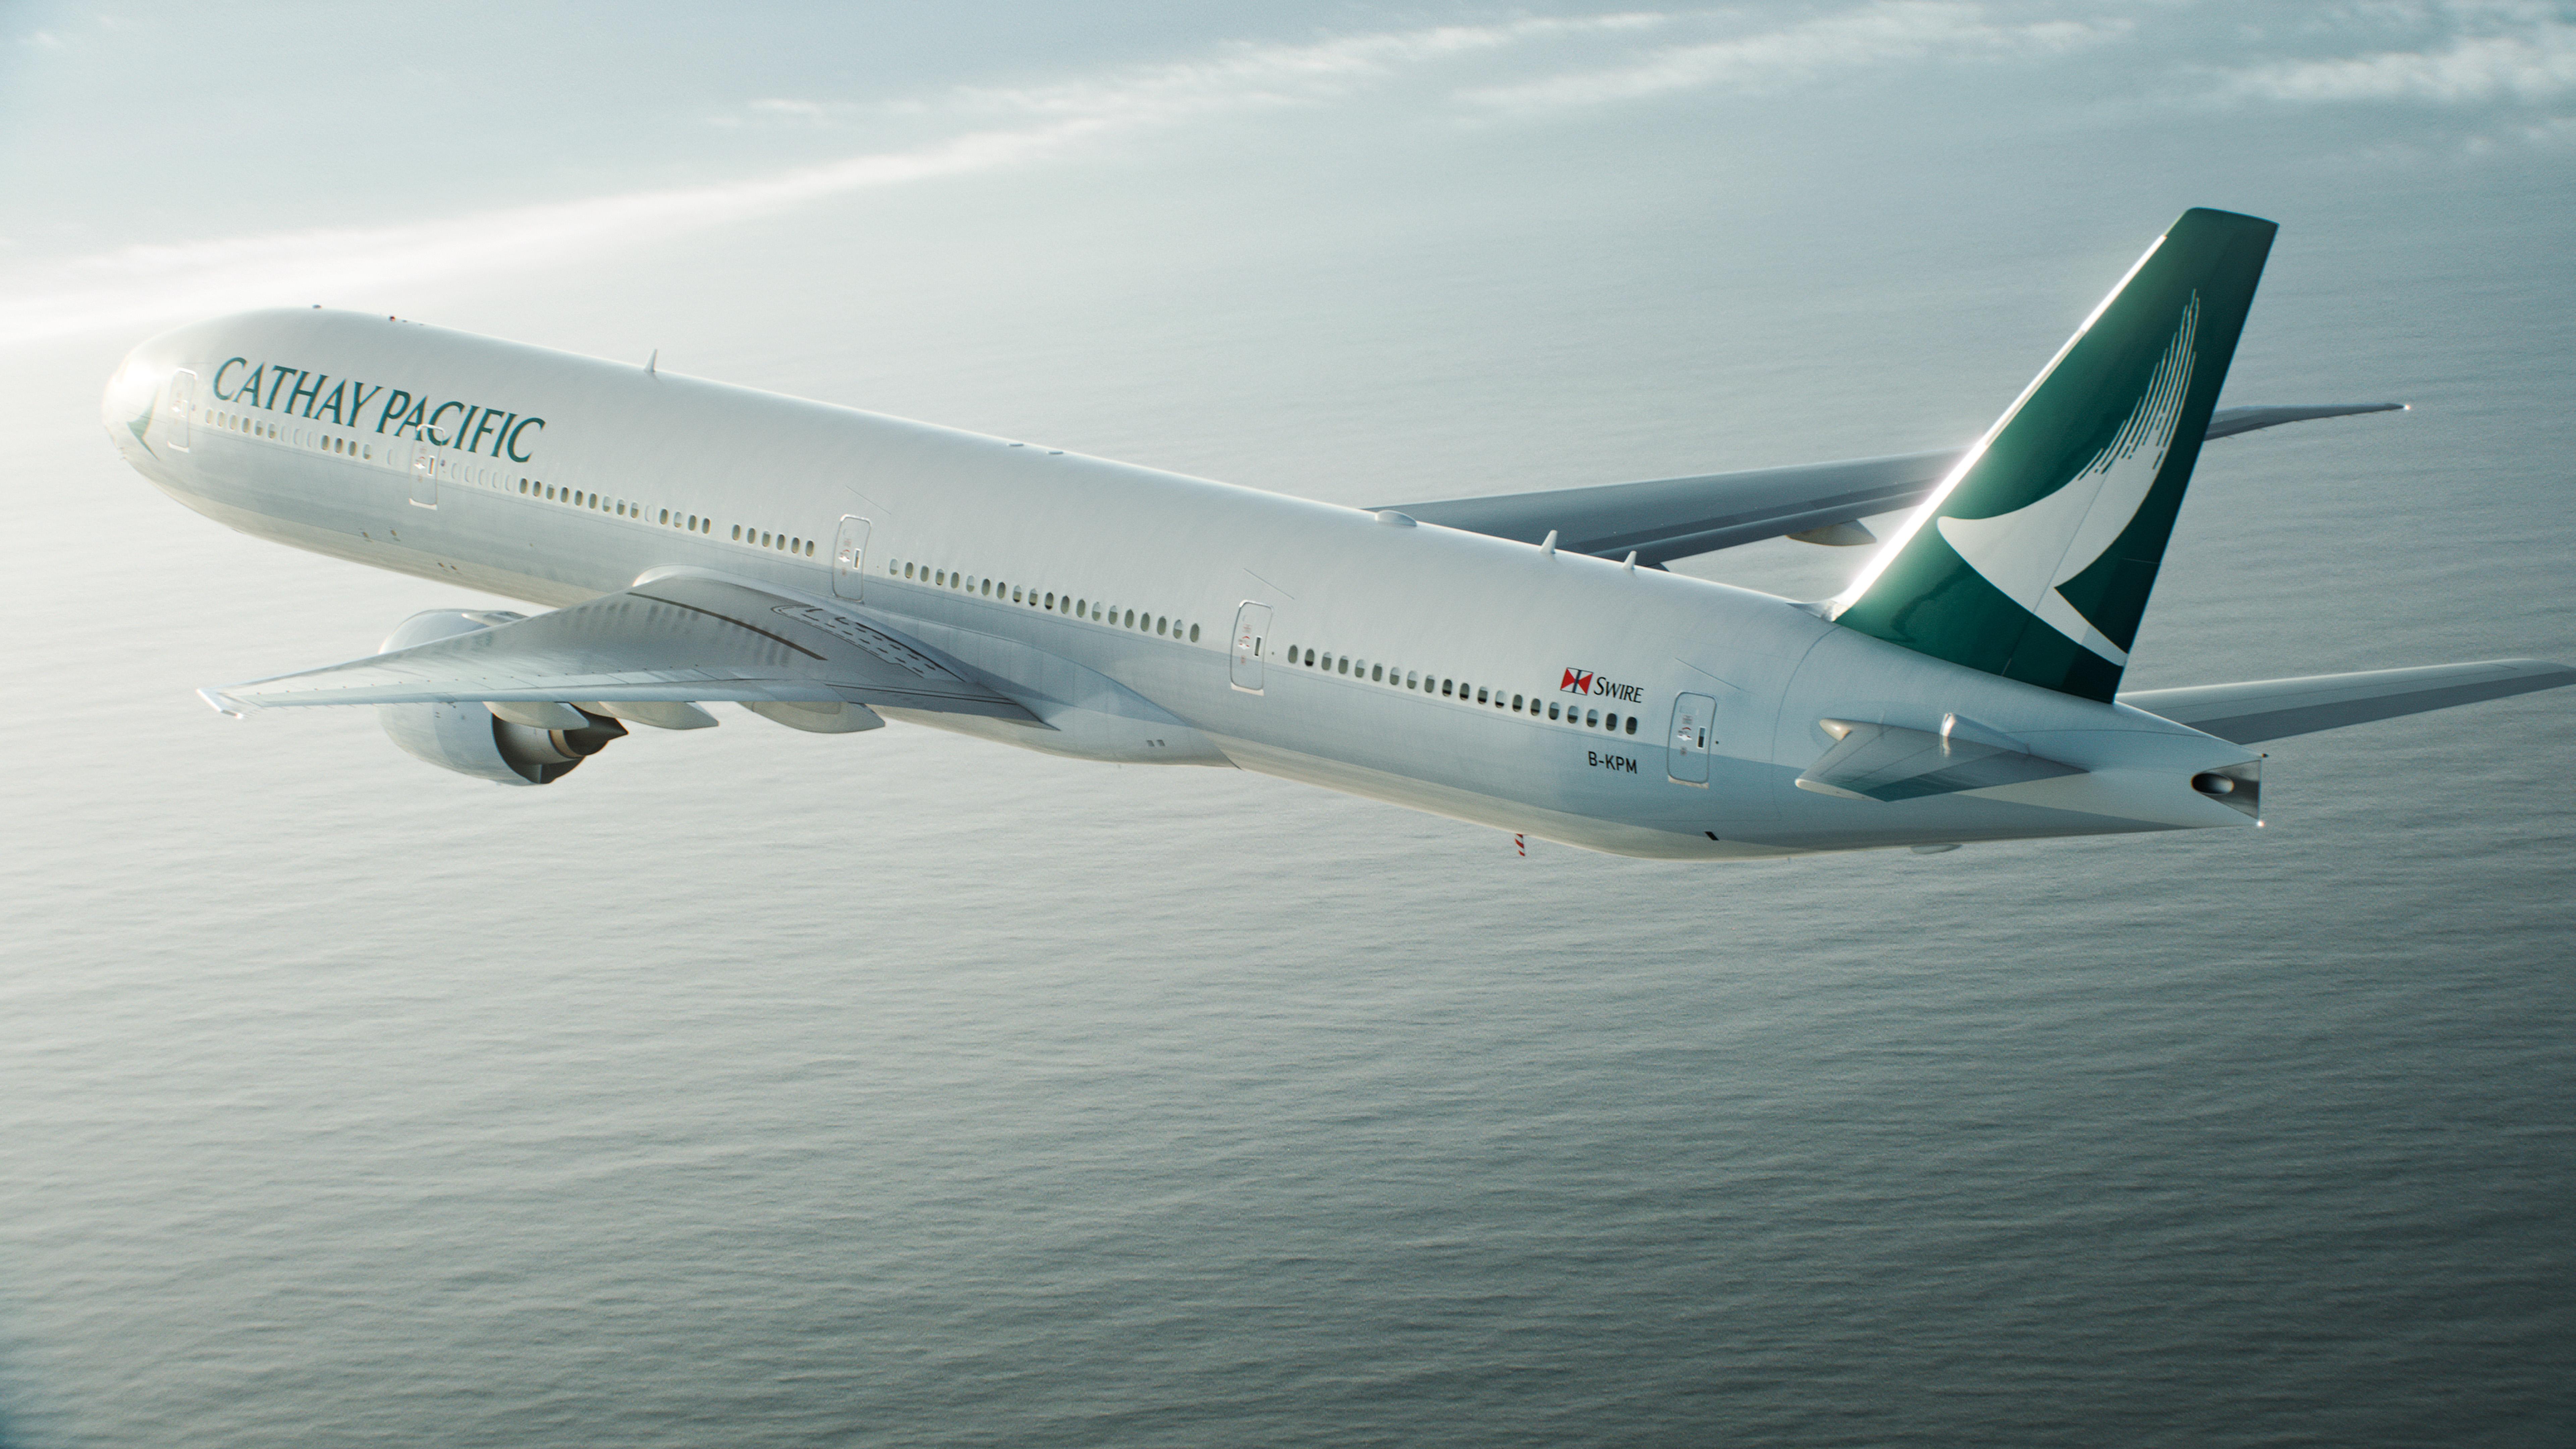 Resultado de imagen de Cathay Pacific